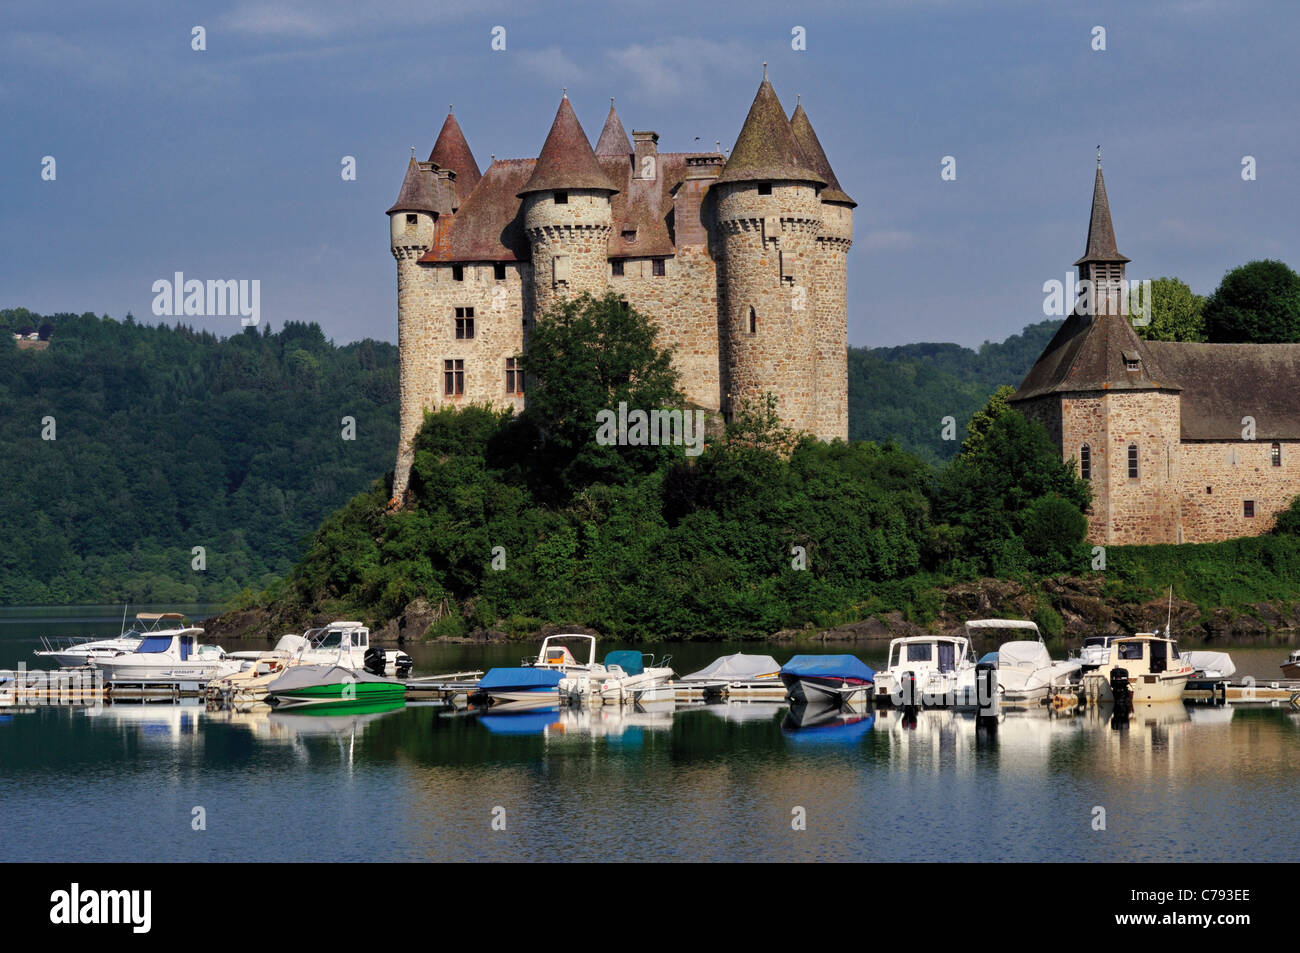 France, Auvergne: View to castle Chateau de Val and the barrage Bort-les-Orgues - Stock Image